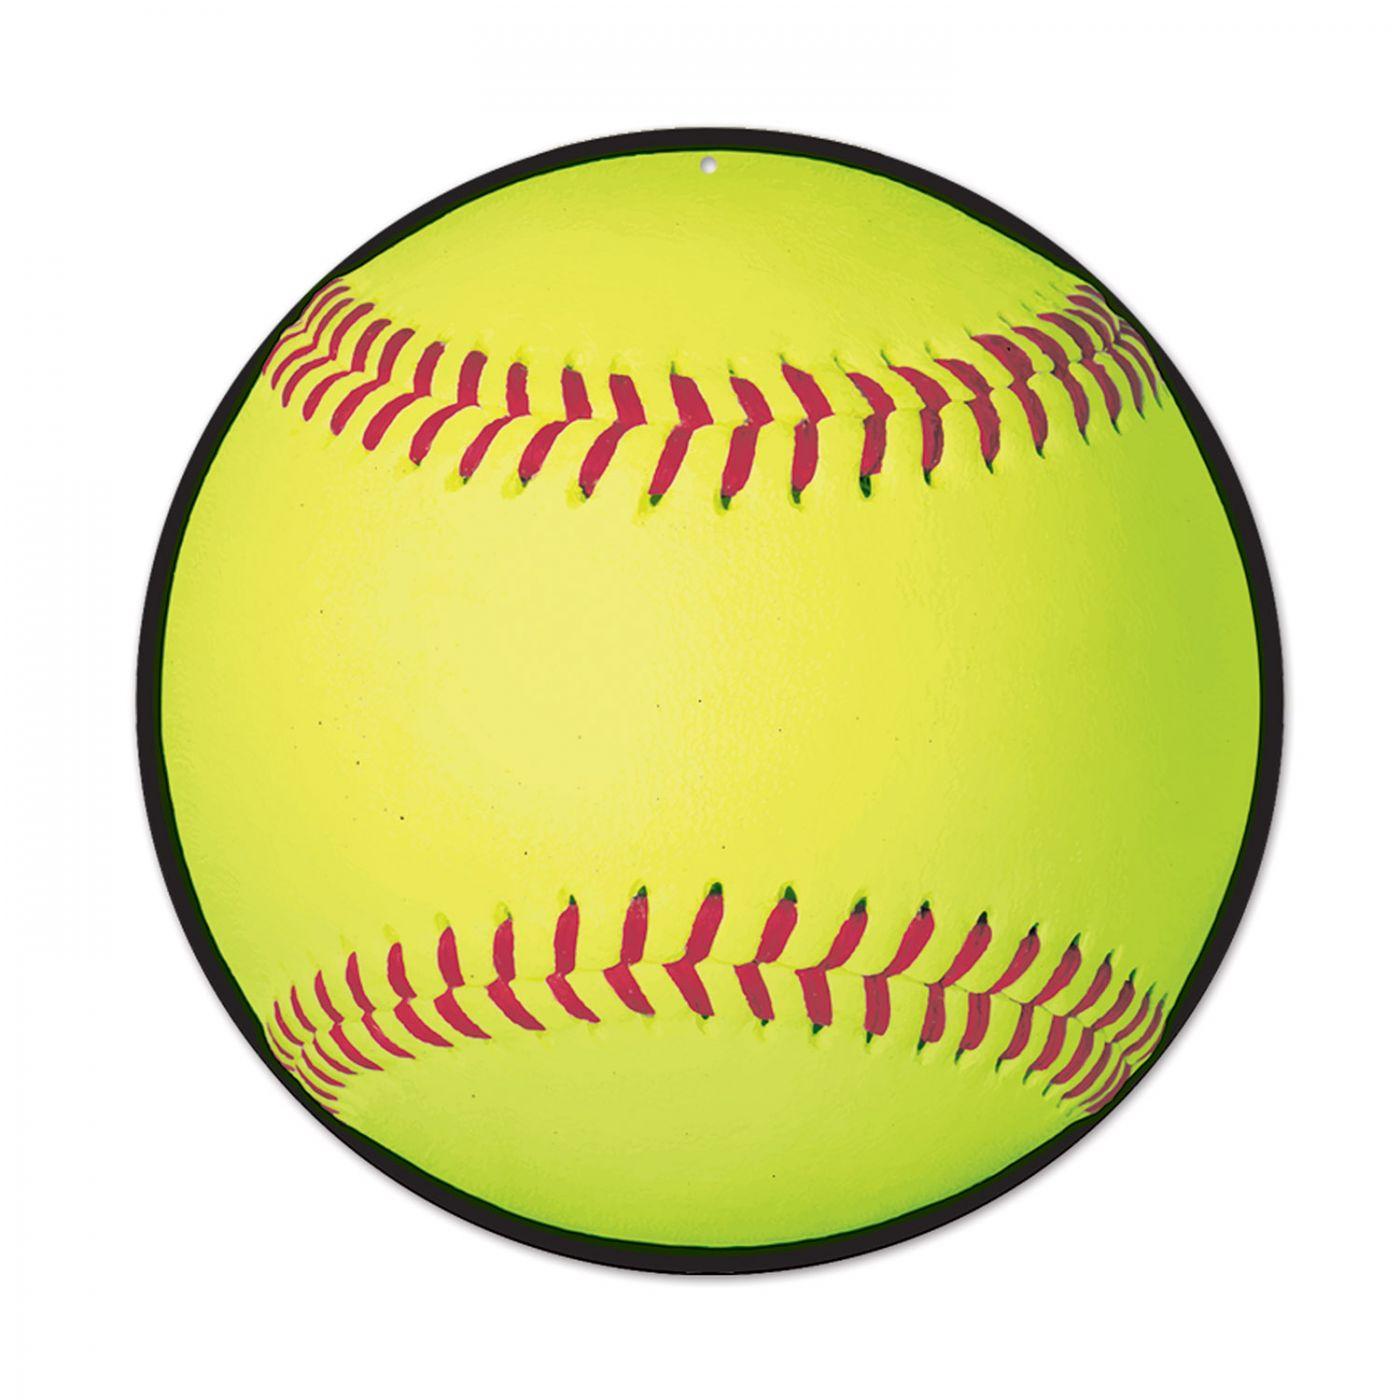 Softball Cutout image